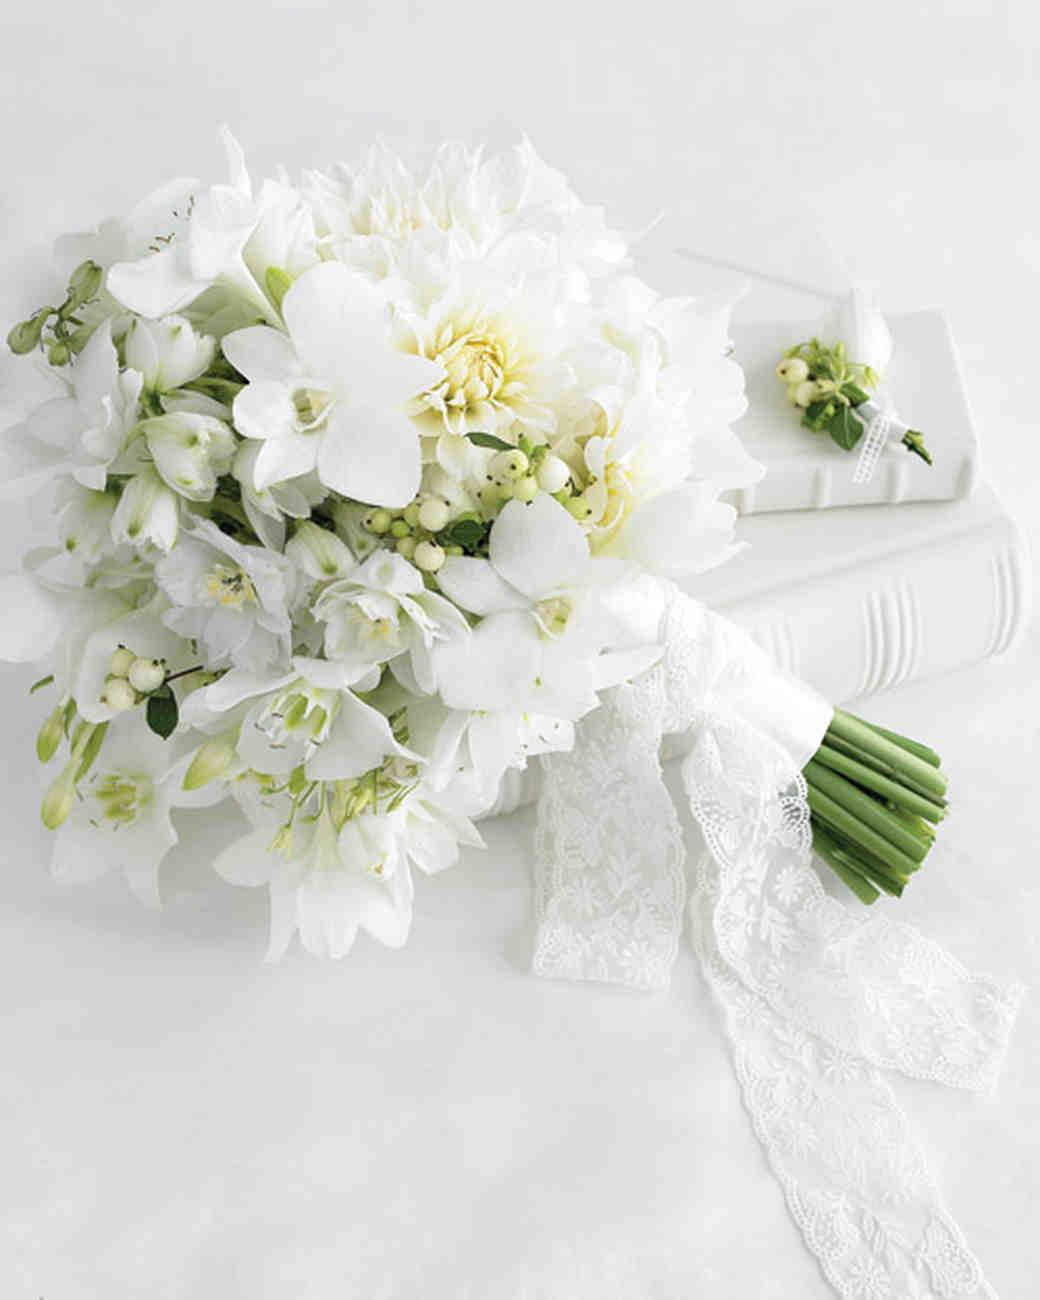 mw105137_0110_bouquet2.jpg